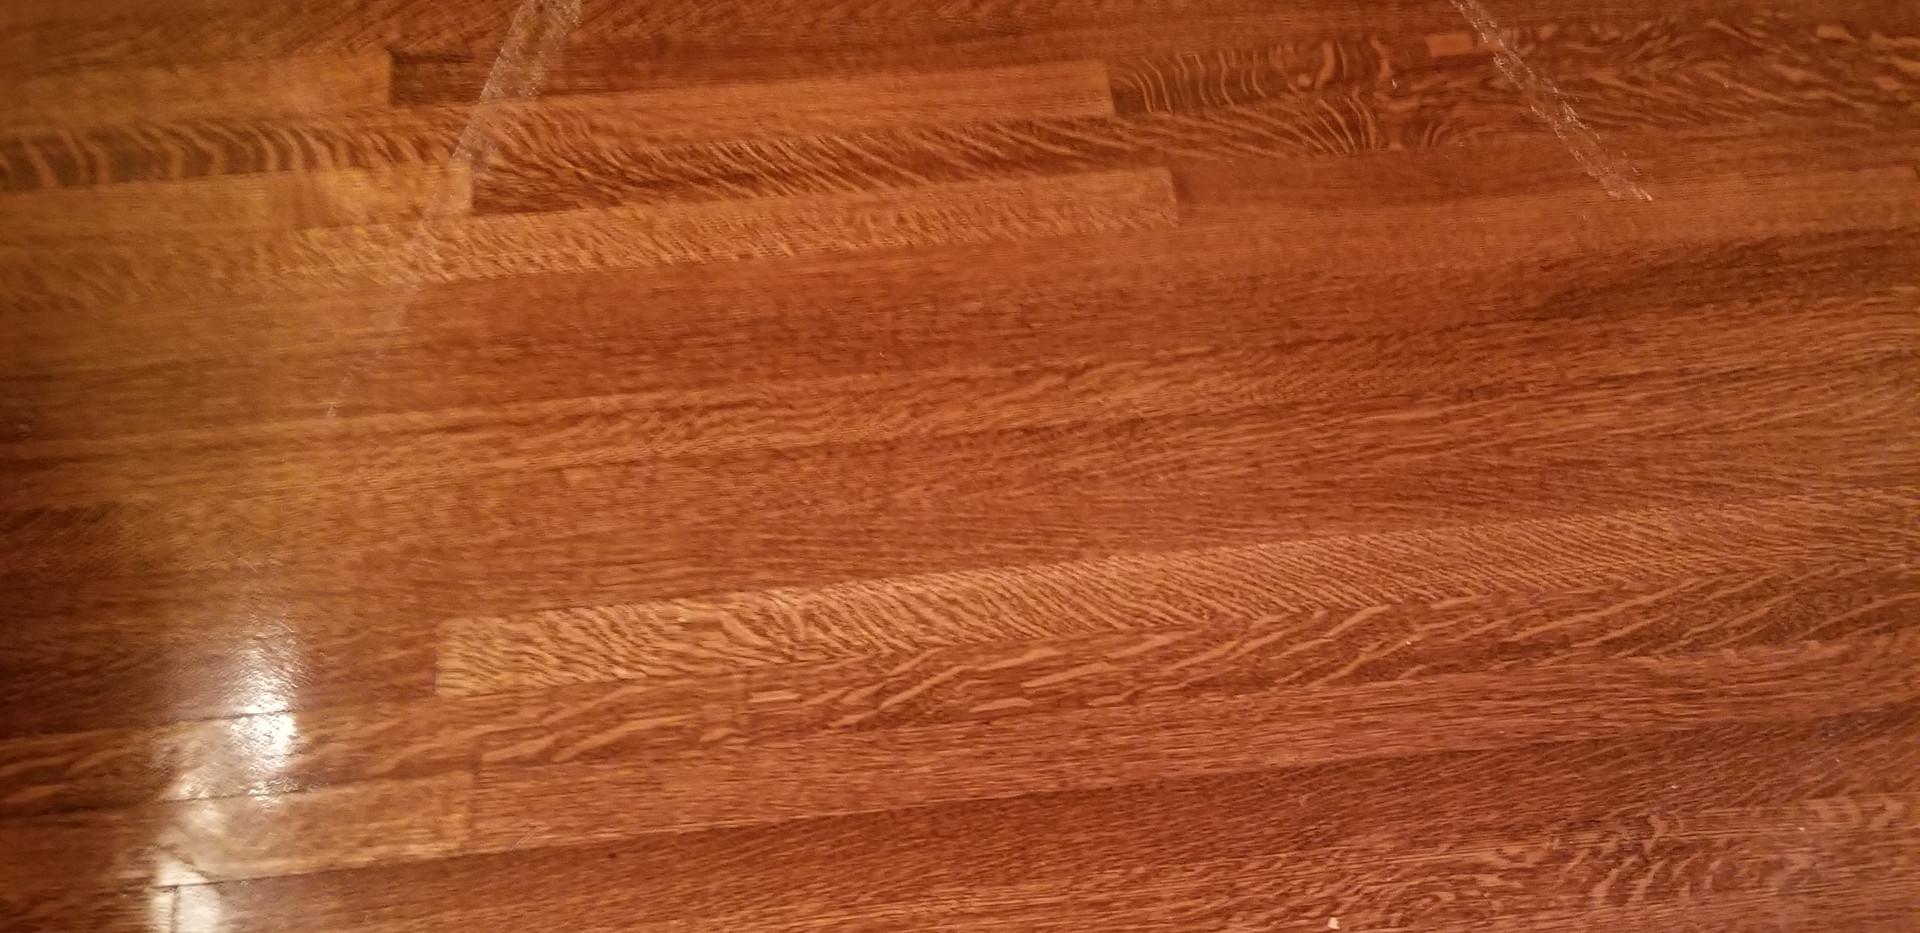 scratches in hardwood floor due to water leak on 2nd floor